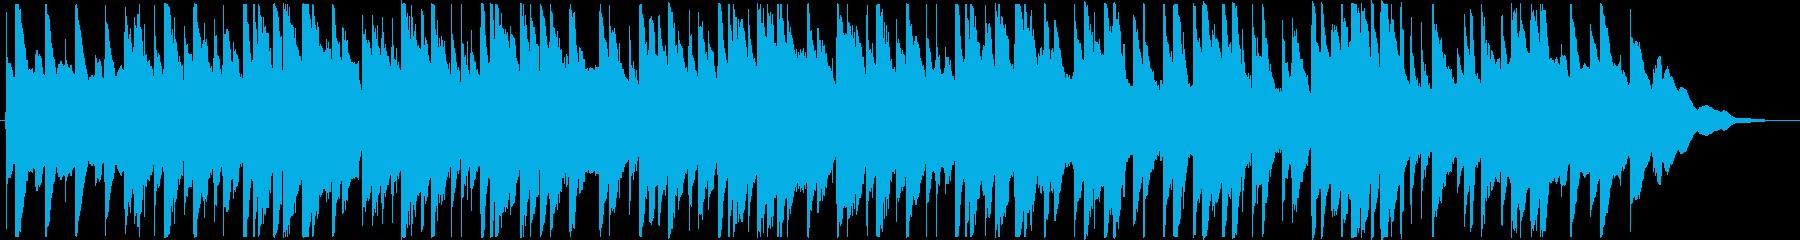 黄昏をイメージしたアコギインストの再生済みの波形